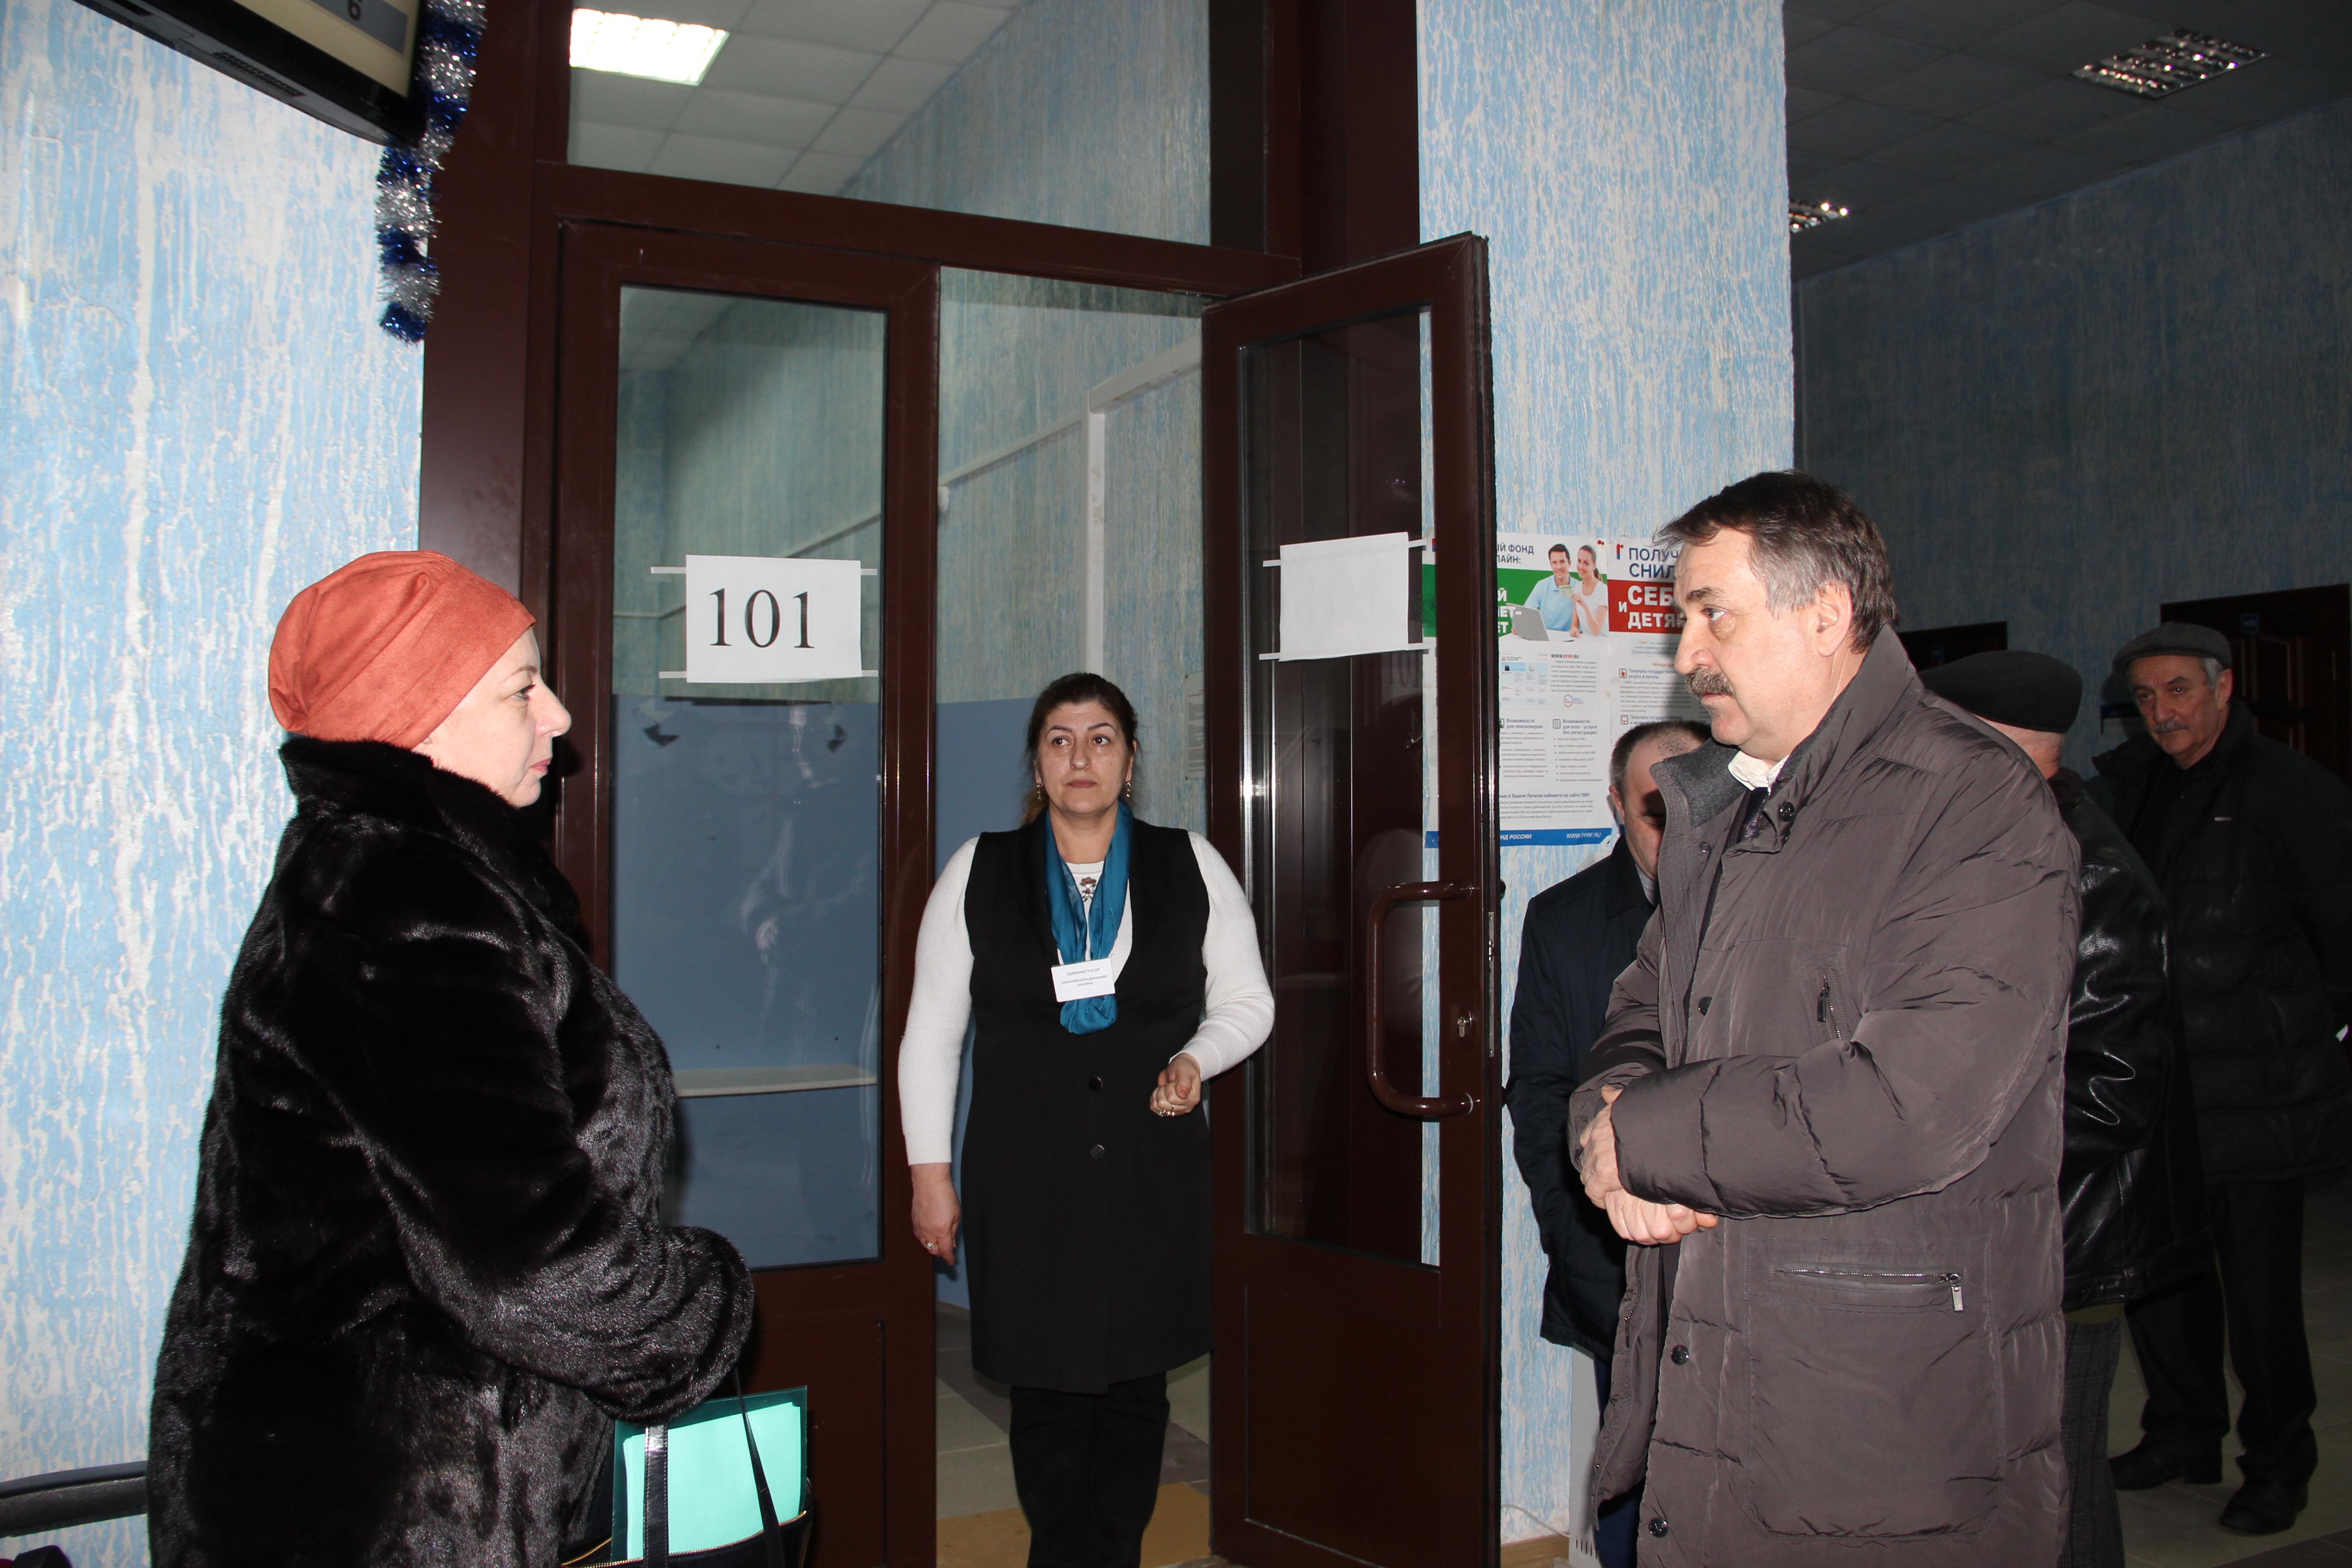 Управляющий Пенсионного фонда Дагестана Магомед Исаев  с ознакомительной поездкой  посетил Управление ОПФР по РД в г.Каспийск